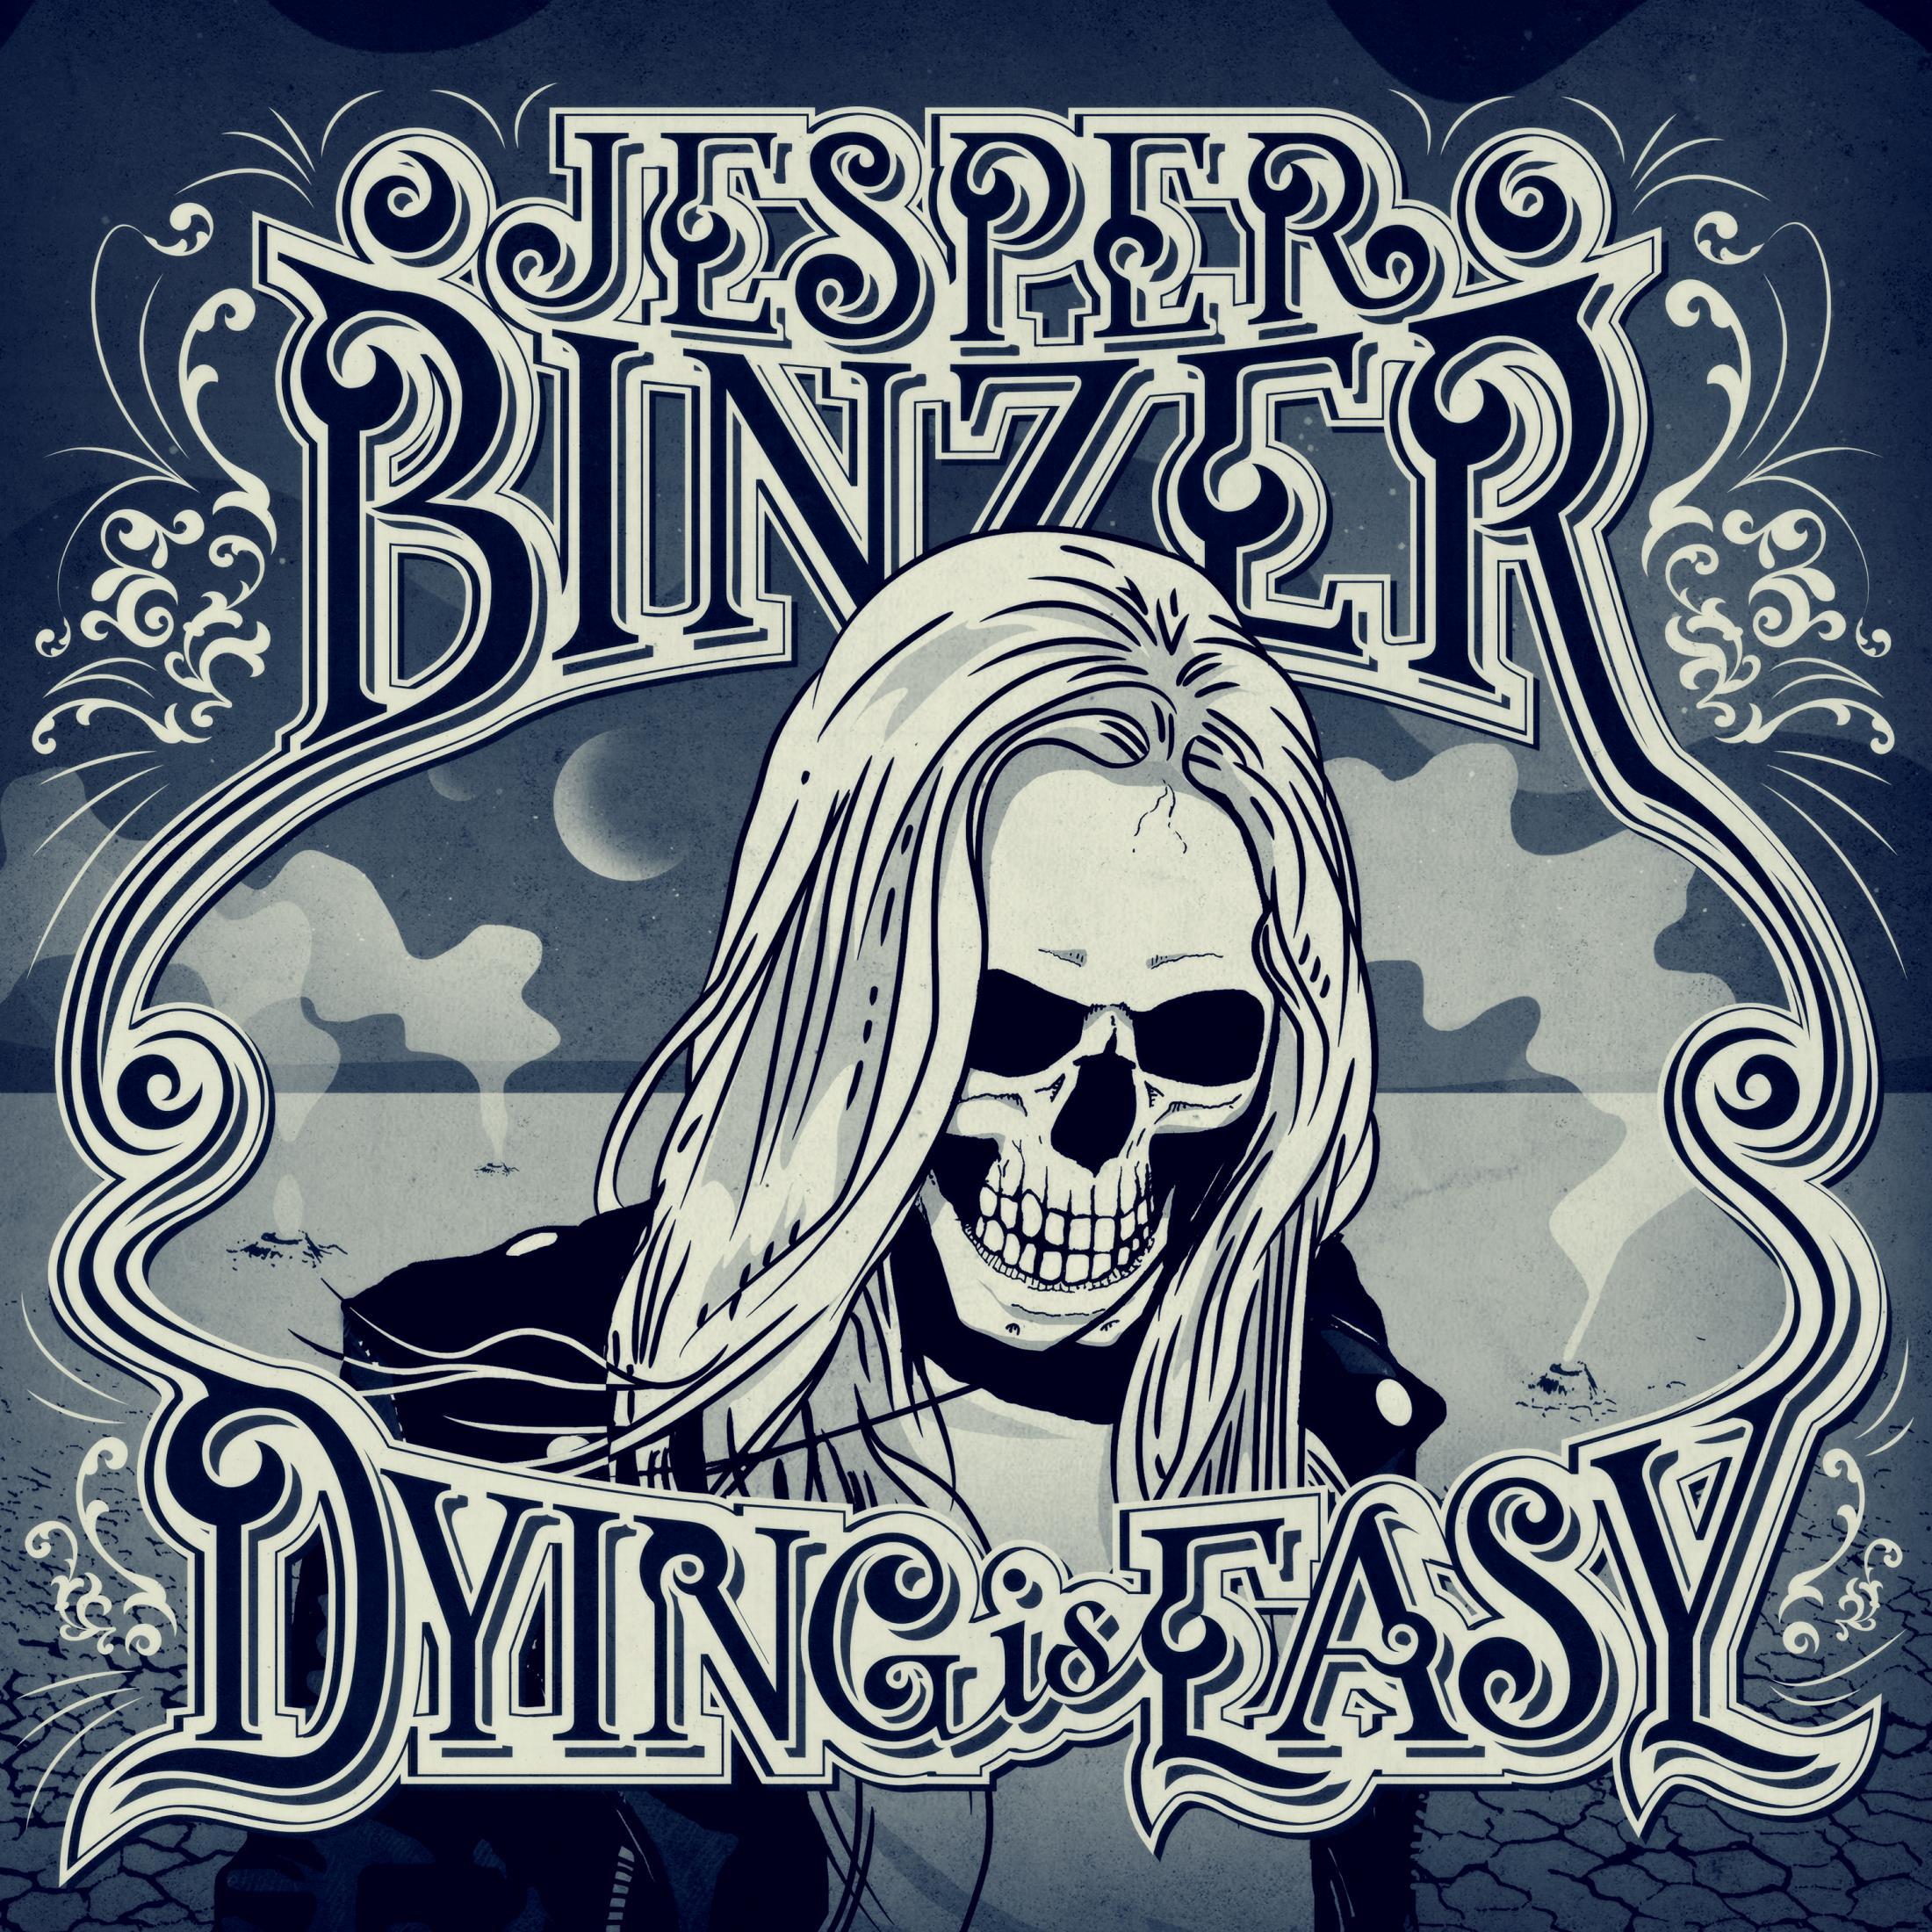 Dying is Easy - Jesper Binzer - Musik - WARN - 5054197864926 - 3/11-2017